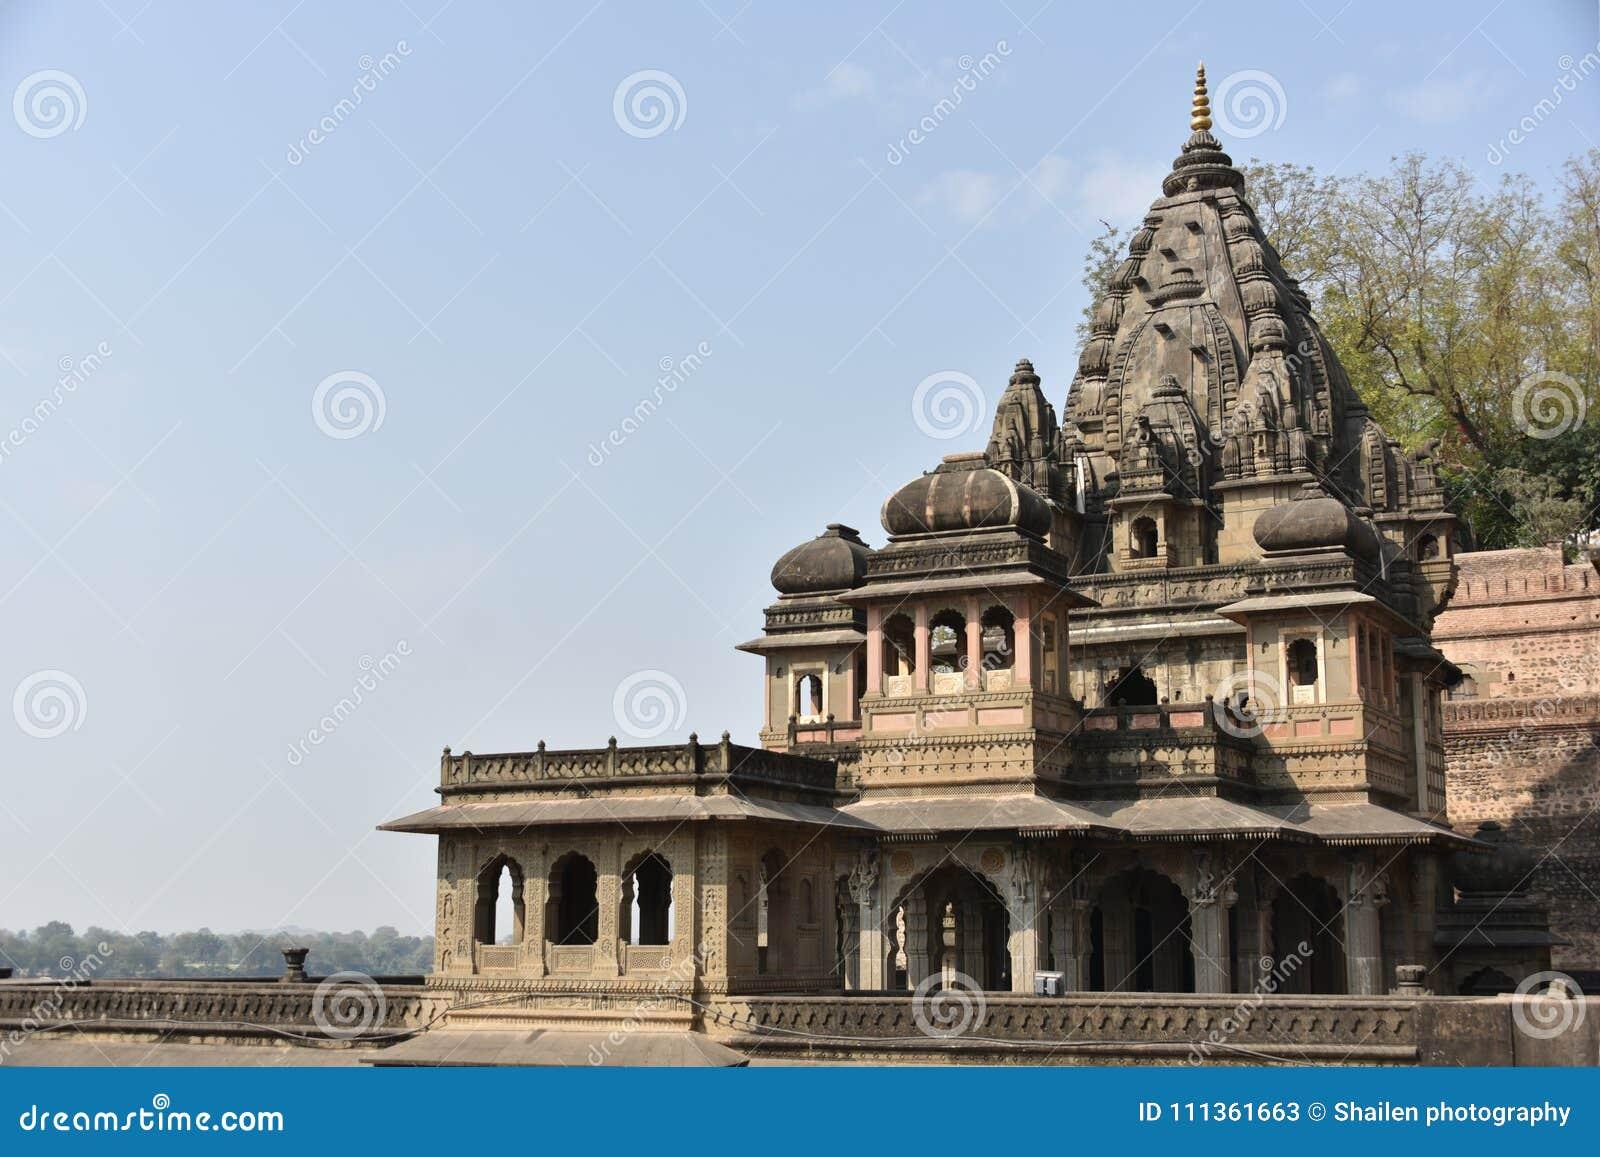 Ahilyeshwar temple, Maheshwar, Madhya Pradesh